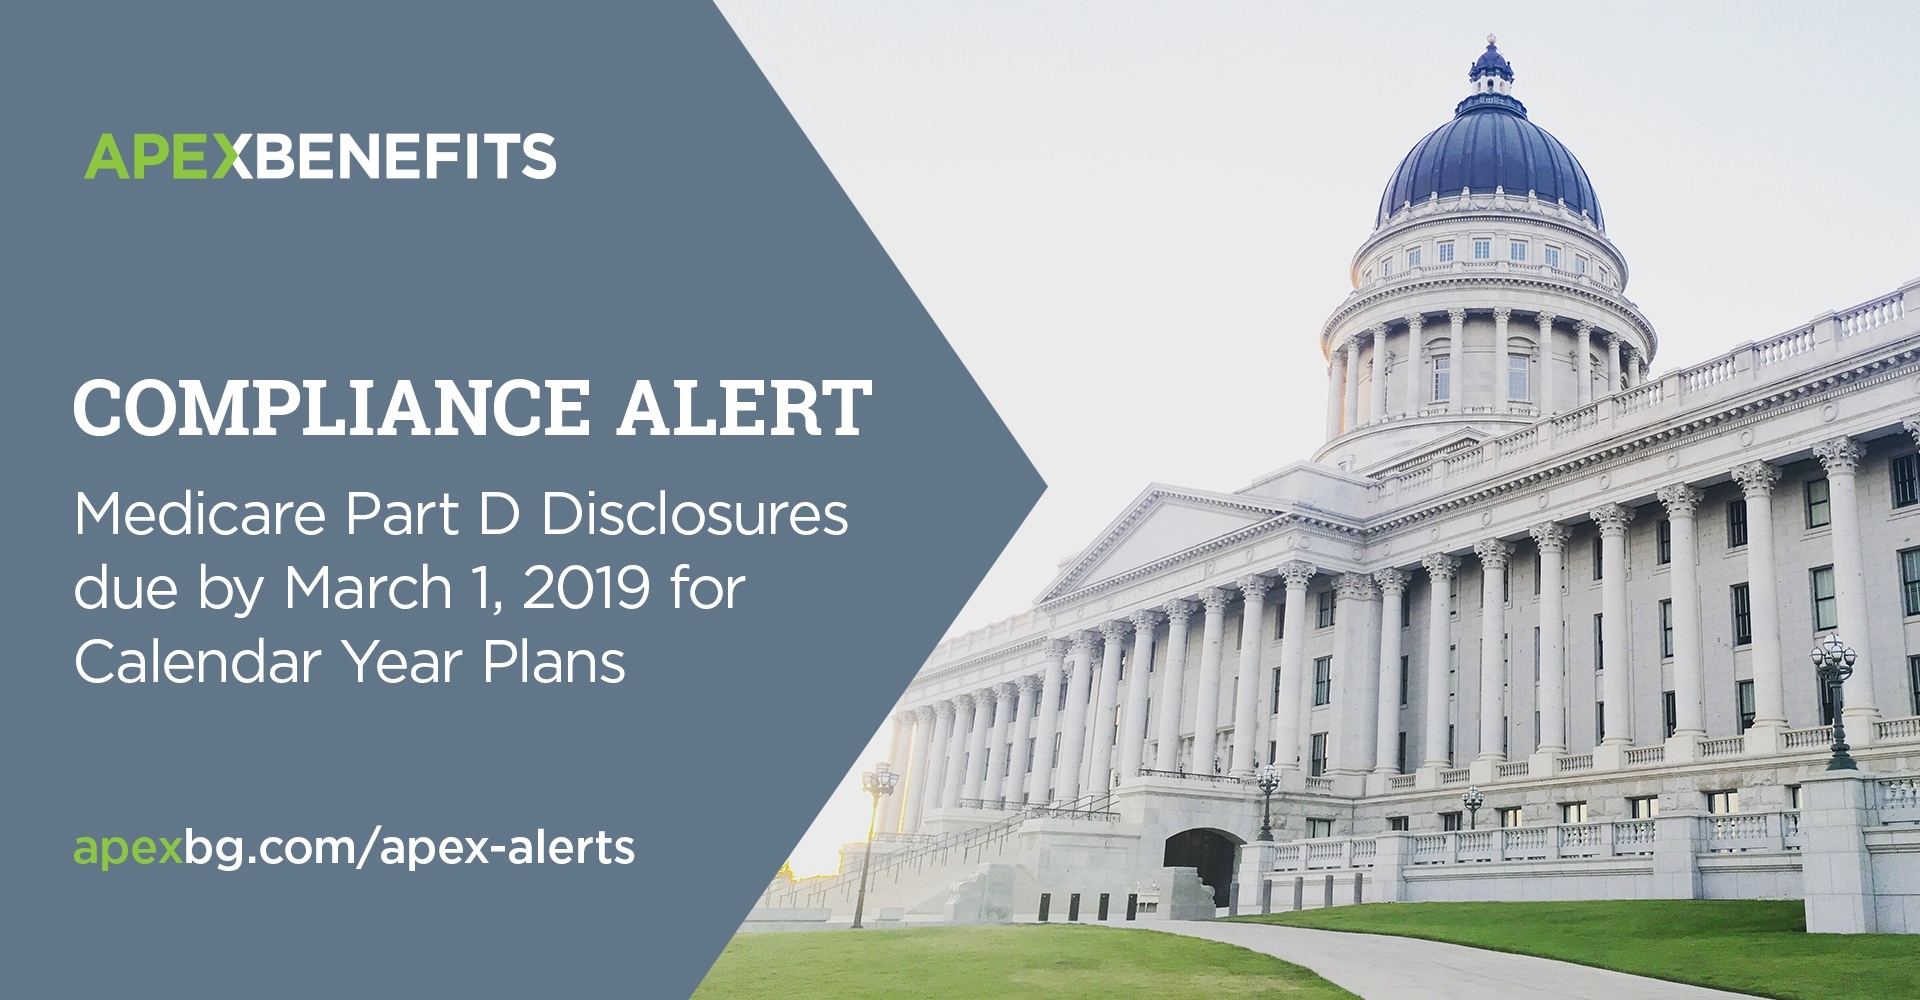 Compliance Alert: Medicare Part D Disclosures Duemarch 1